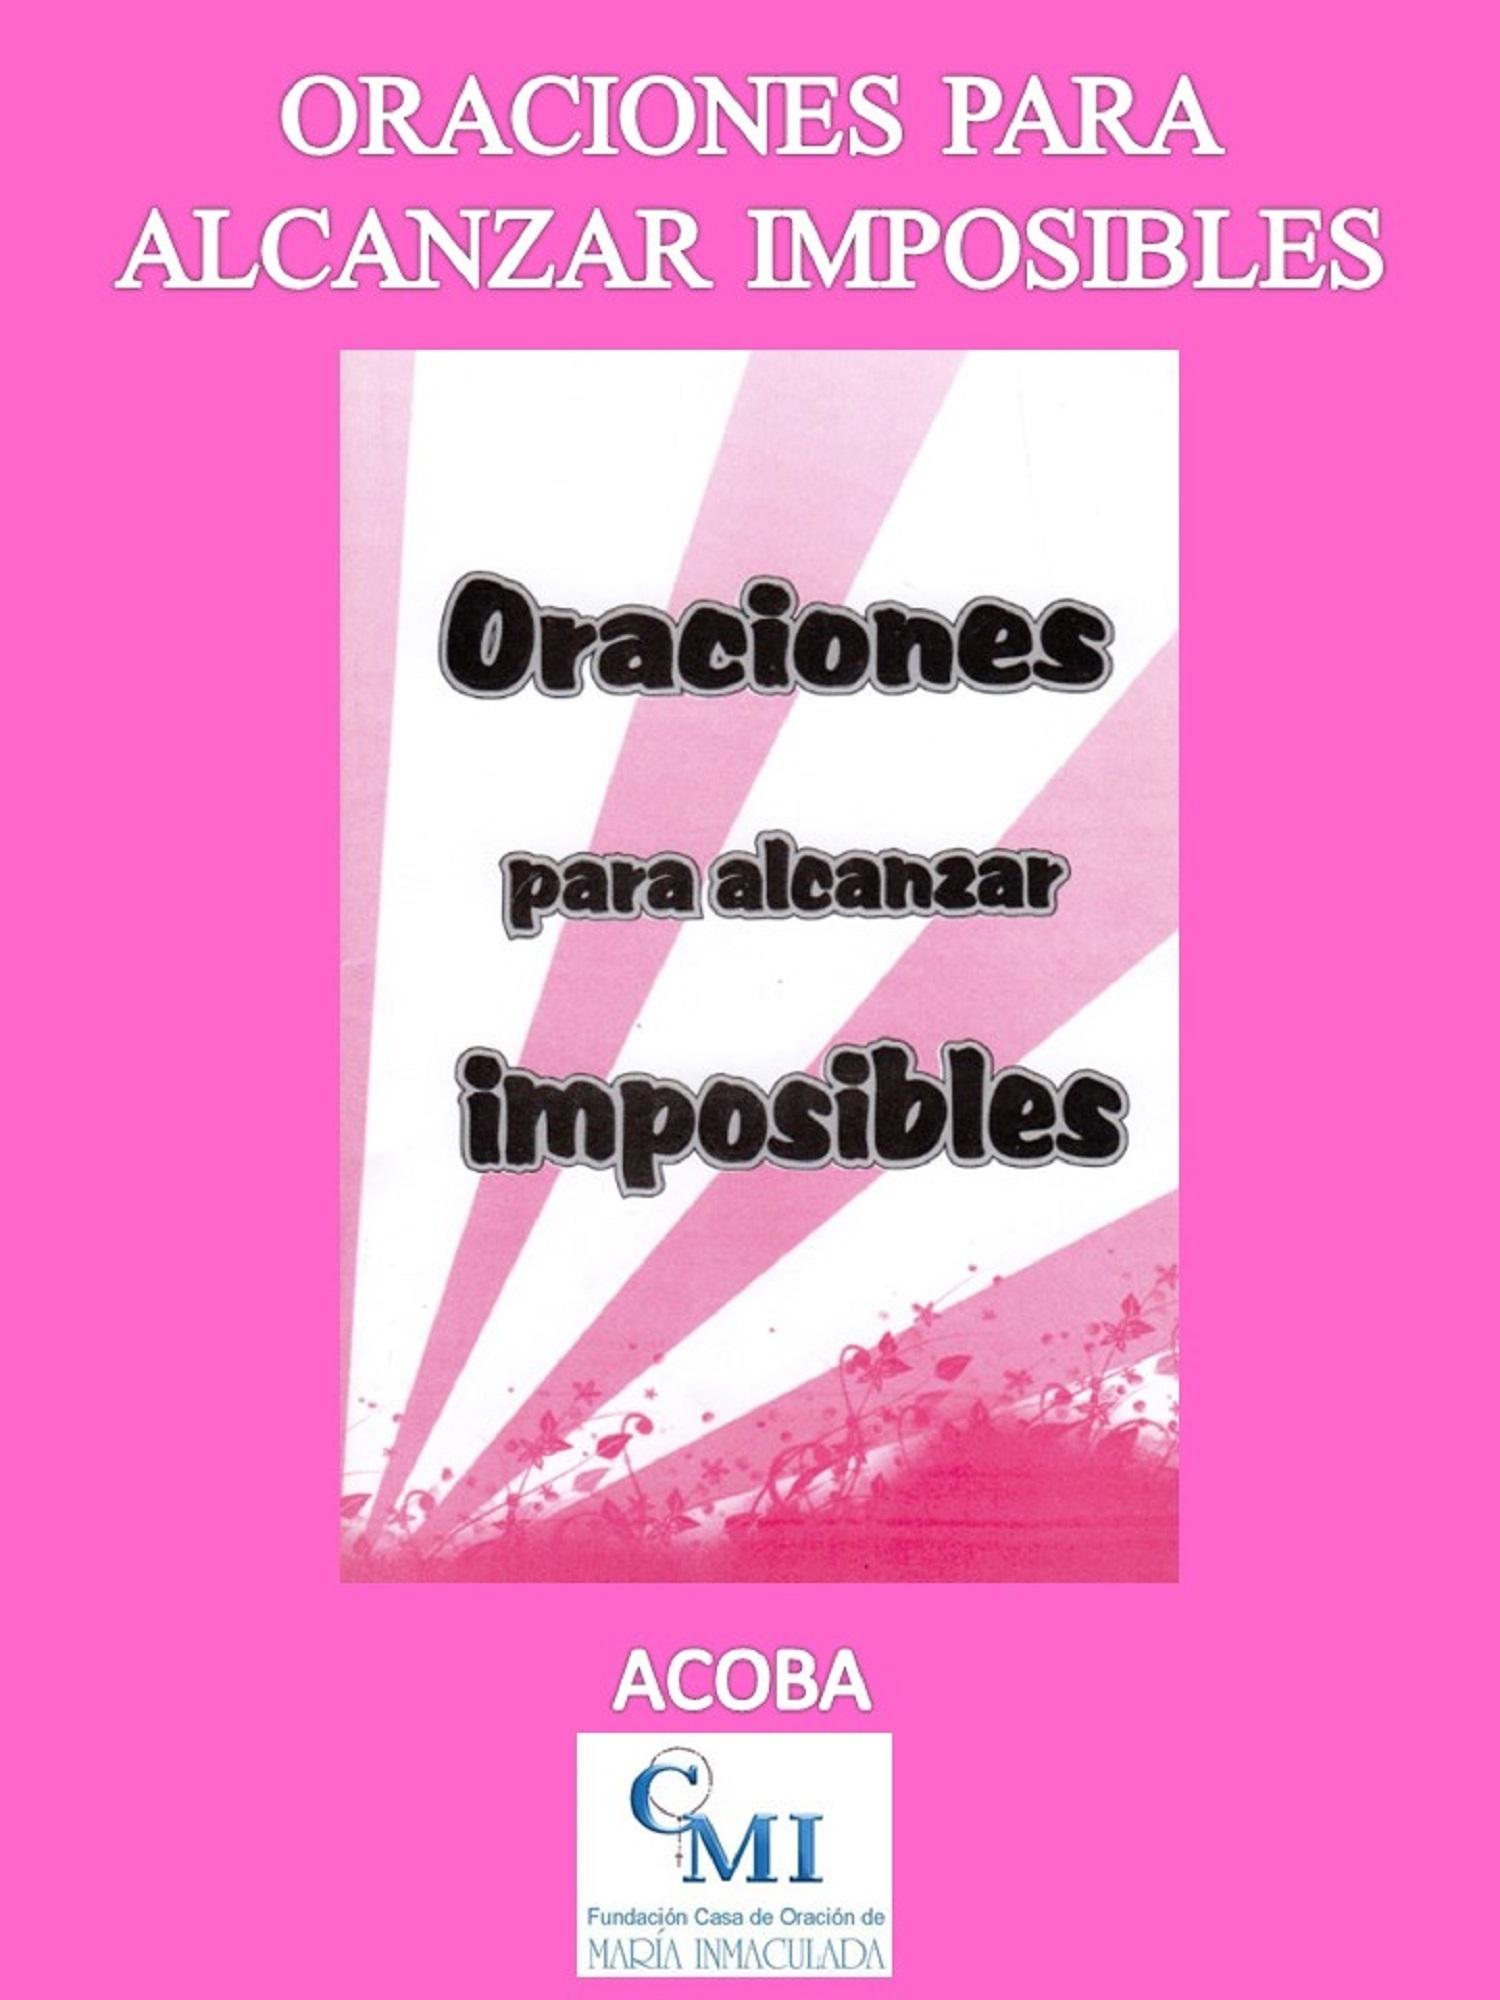 Oraciones para Alcanzar Imposibles Acoba